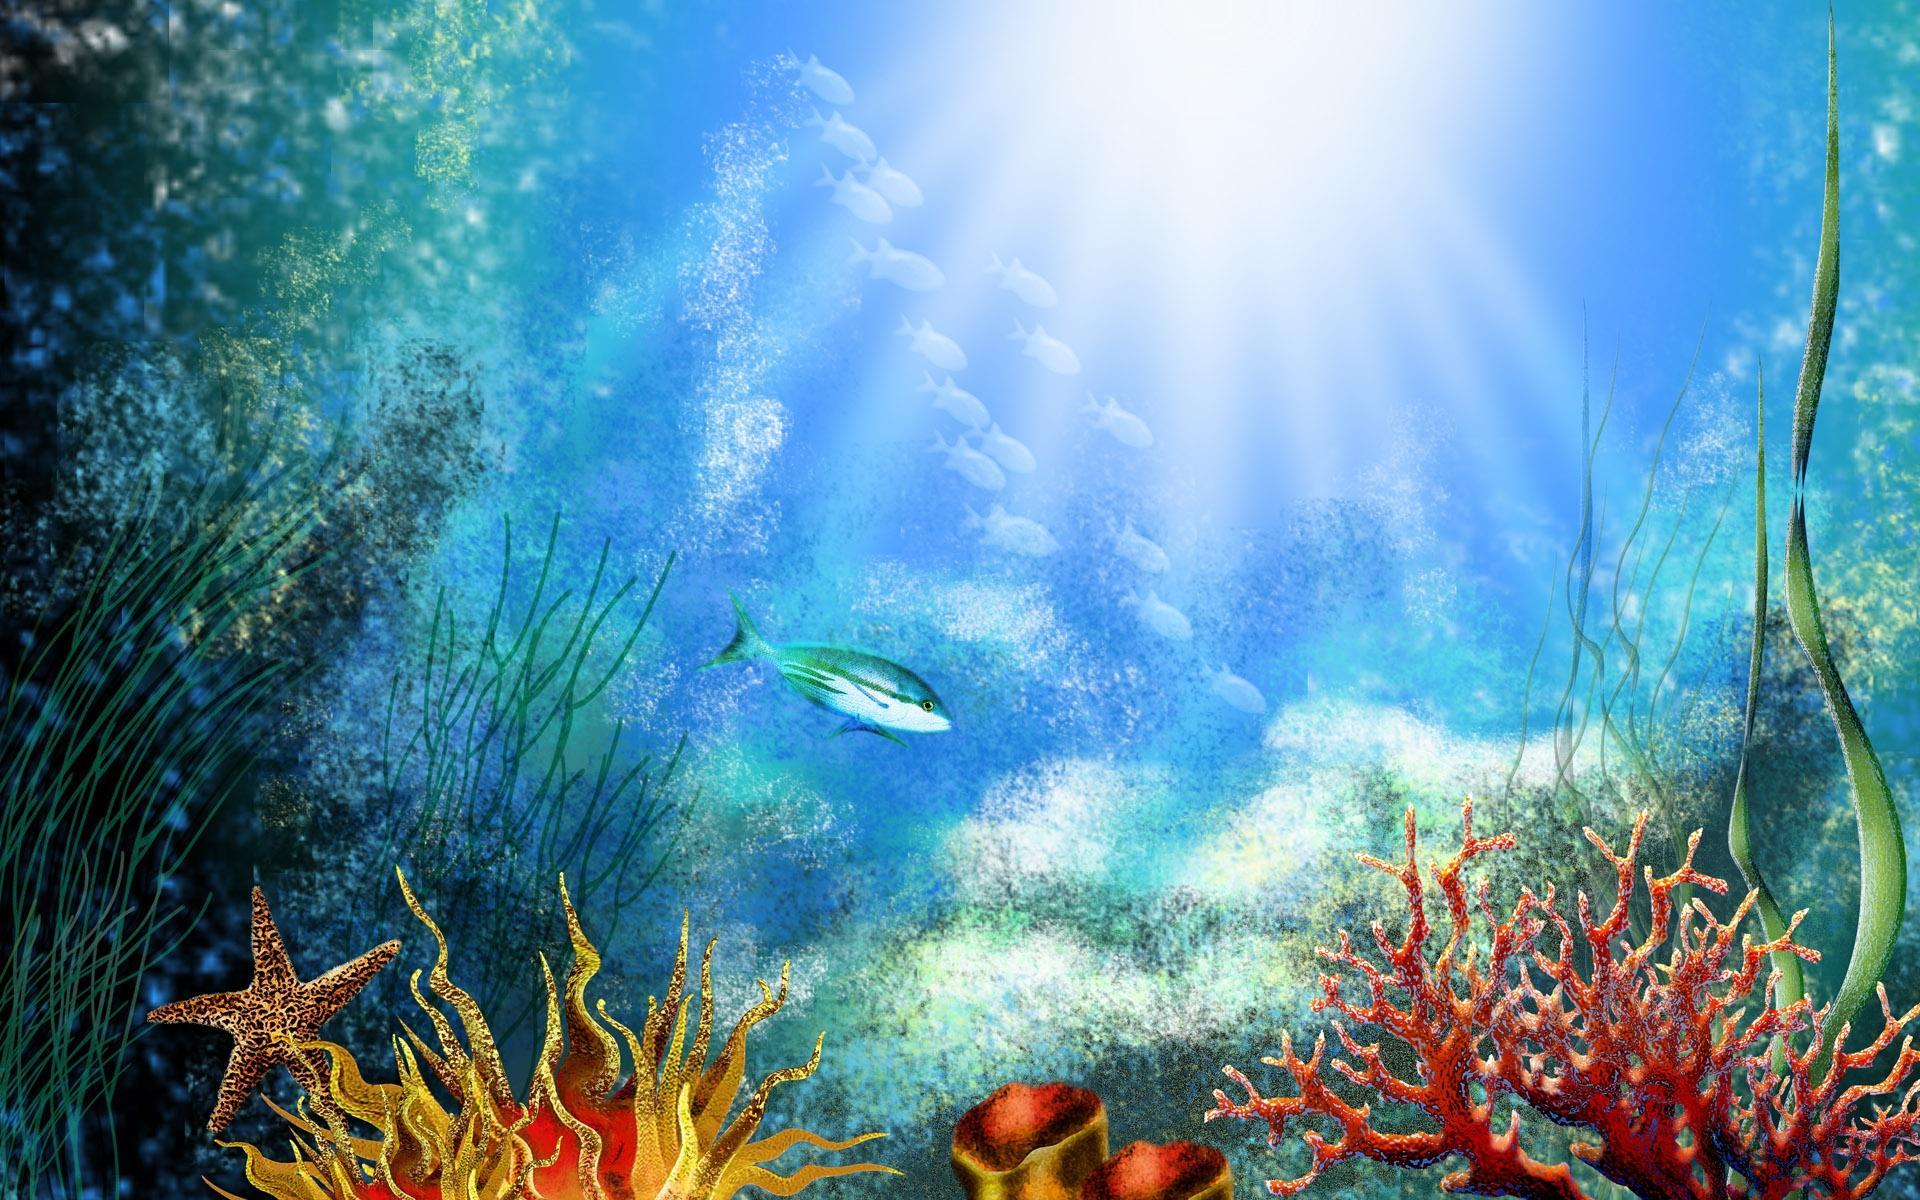 Яркие краски подводного мира  № 618921 загрузить